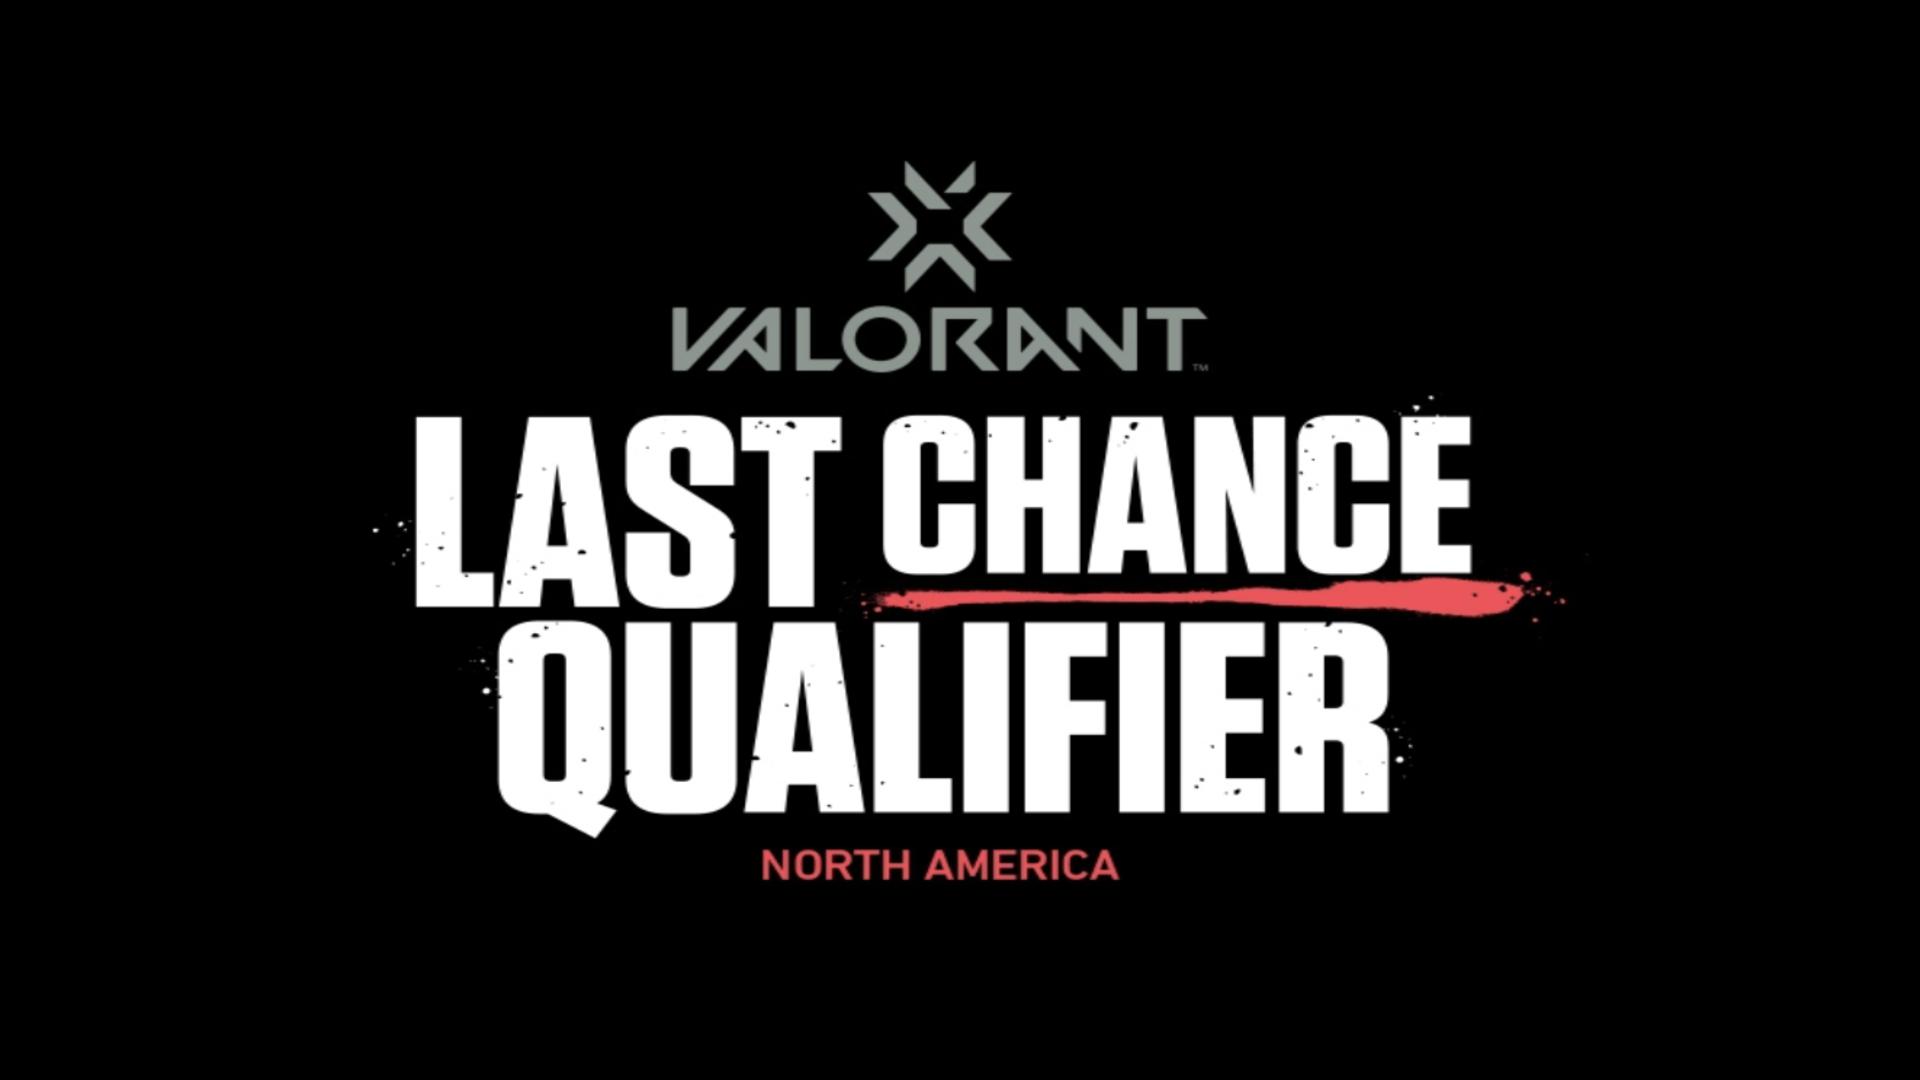 NA VCT Last Chance Qualifier vindt niet langer op LAN plaats